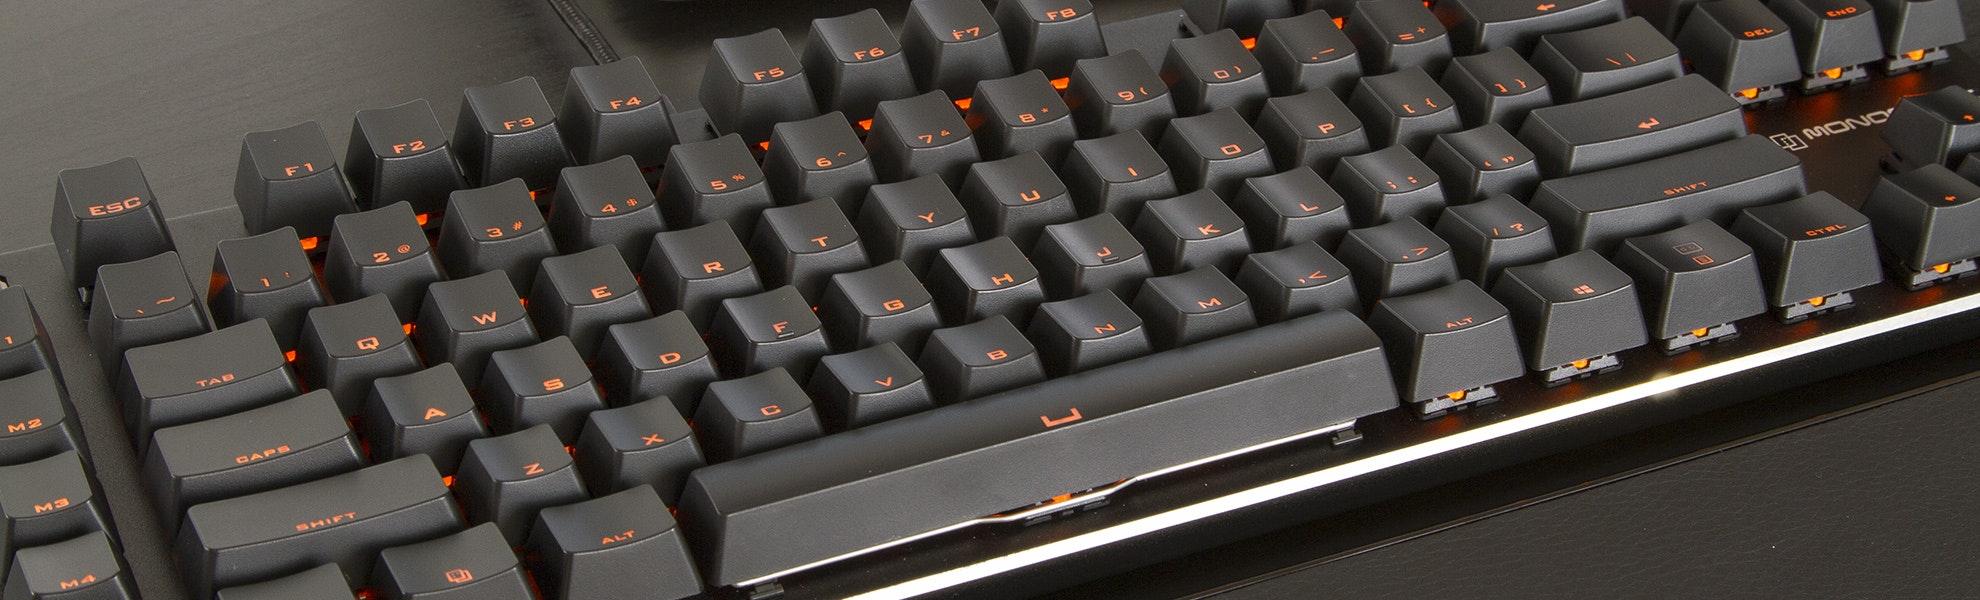 Monoprice Mechanical Macro Keyboard